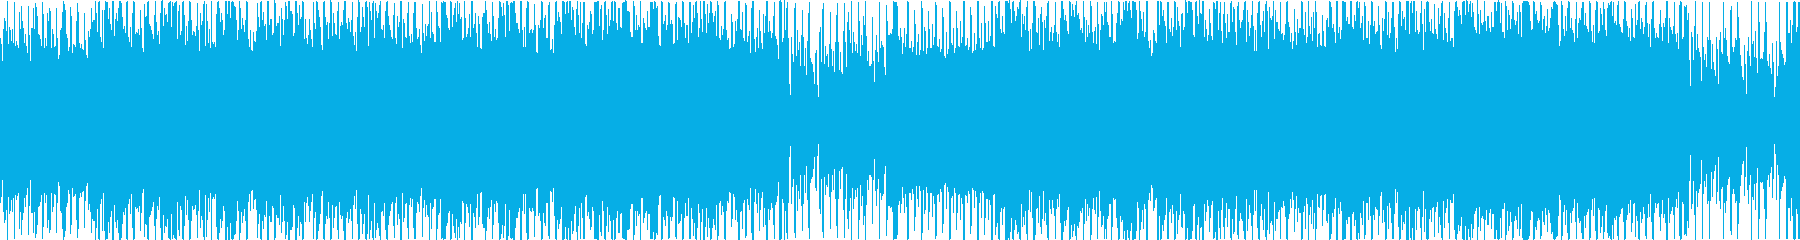 都会的でマイナー調のハウス/テクノループの再生済みの波形